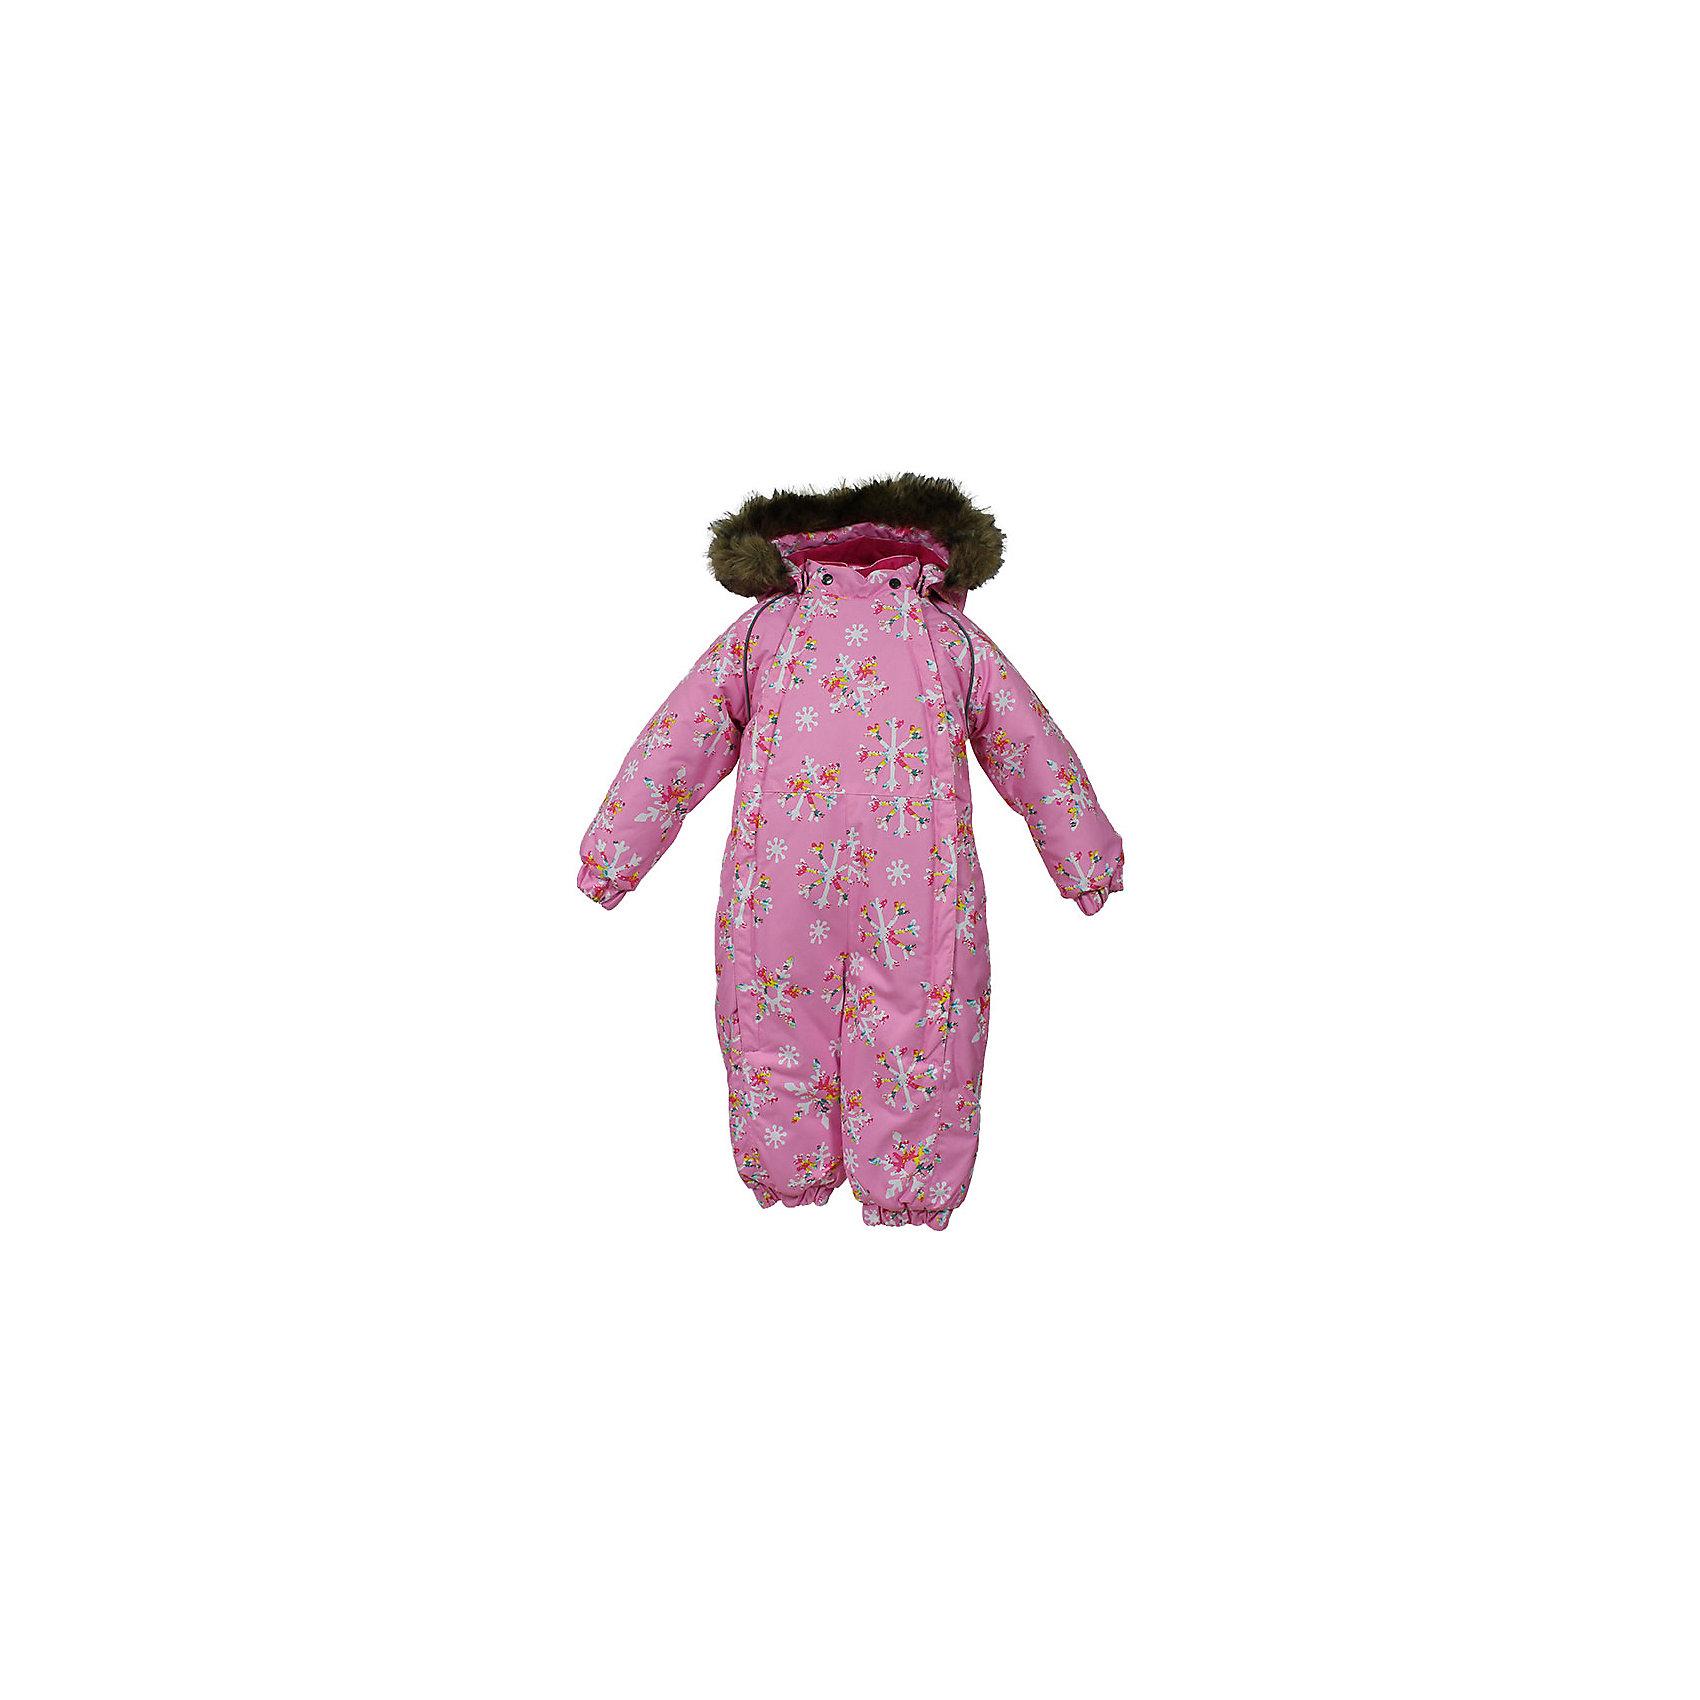 Комбинезон KEIRA HuppaВерхняя одежда<br>Комбинезон для малышей KEIRA.Водо и воздухонепроницаемость 5 000.Подкладка фланель 100% хлопок.Утеплитель 300 гр.Манжеты с отворотом у размеров 68-80.Манжеты рукавов на резинке.Манжеты брюк на резинке.Добавлены петли. Отстегивающийся капюшон с мехом.Все шы проклеены.Имеются светоотражательные элементы.<br>Состав:<br>100% Полиэстер<br><br>Ширина мм: 356<br>Глубина мм: 10<br>Высота мм: 245<br>Вес г: 519<br>Цвет: розовый<br>Возраст от месяцев: 3<br>Возраст до месяцев: 6<br>Пол: Унисекс<br>Возраст: Детский<br>Размер: 68,104,74,80,86,92,98<br>SKU: 7025351